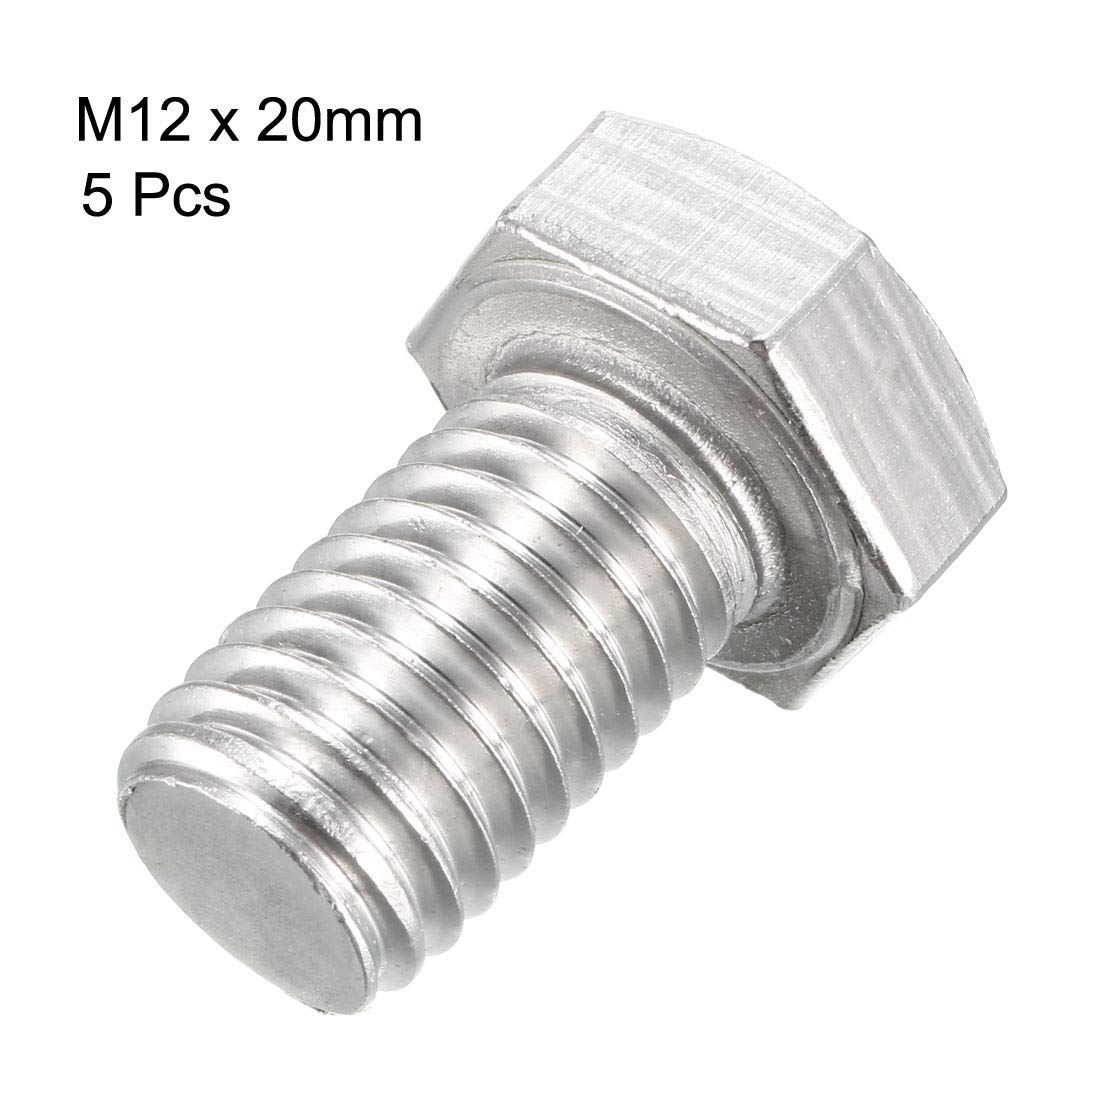 Tornillos de cabeza hexagonal de acero inoxidable 304 de 100 mm con rosca M12 de Sourcing Map